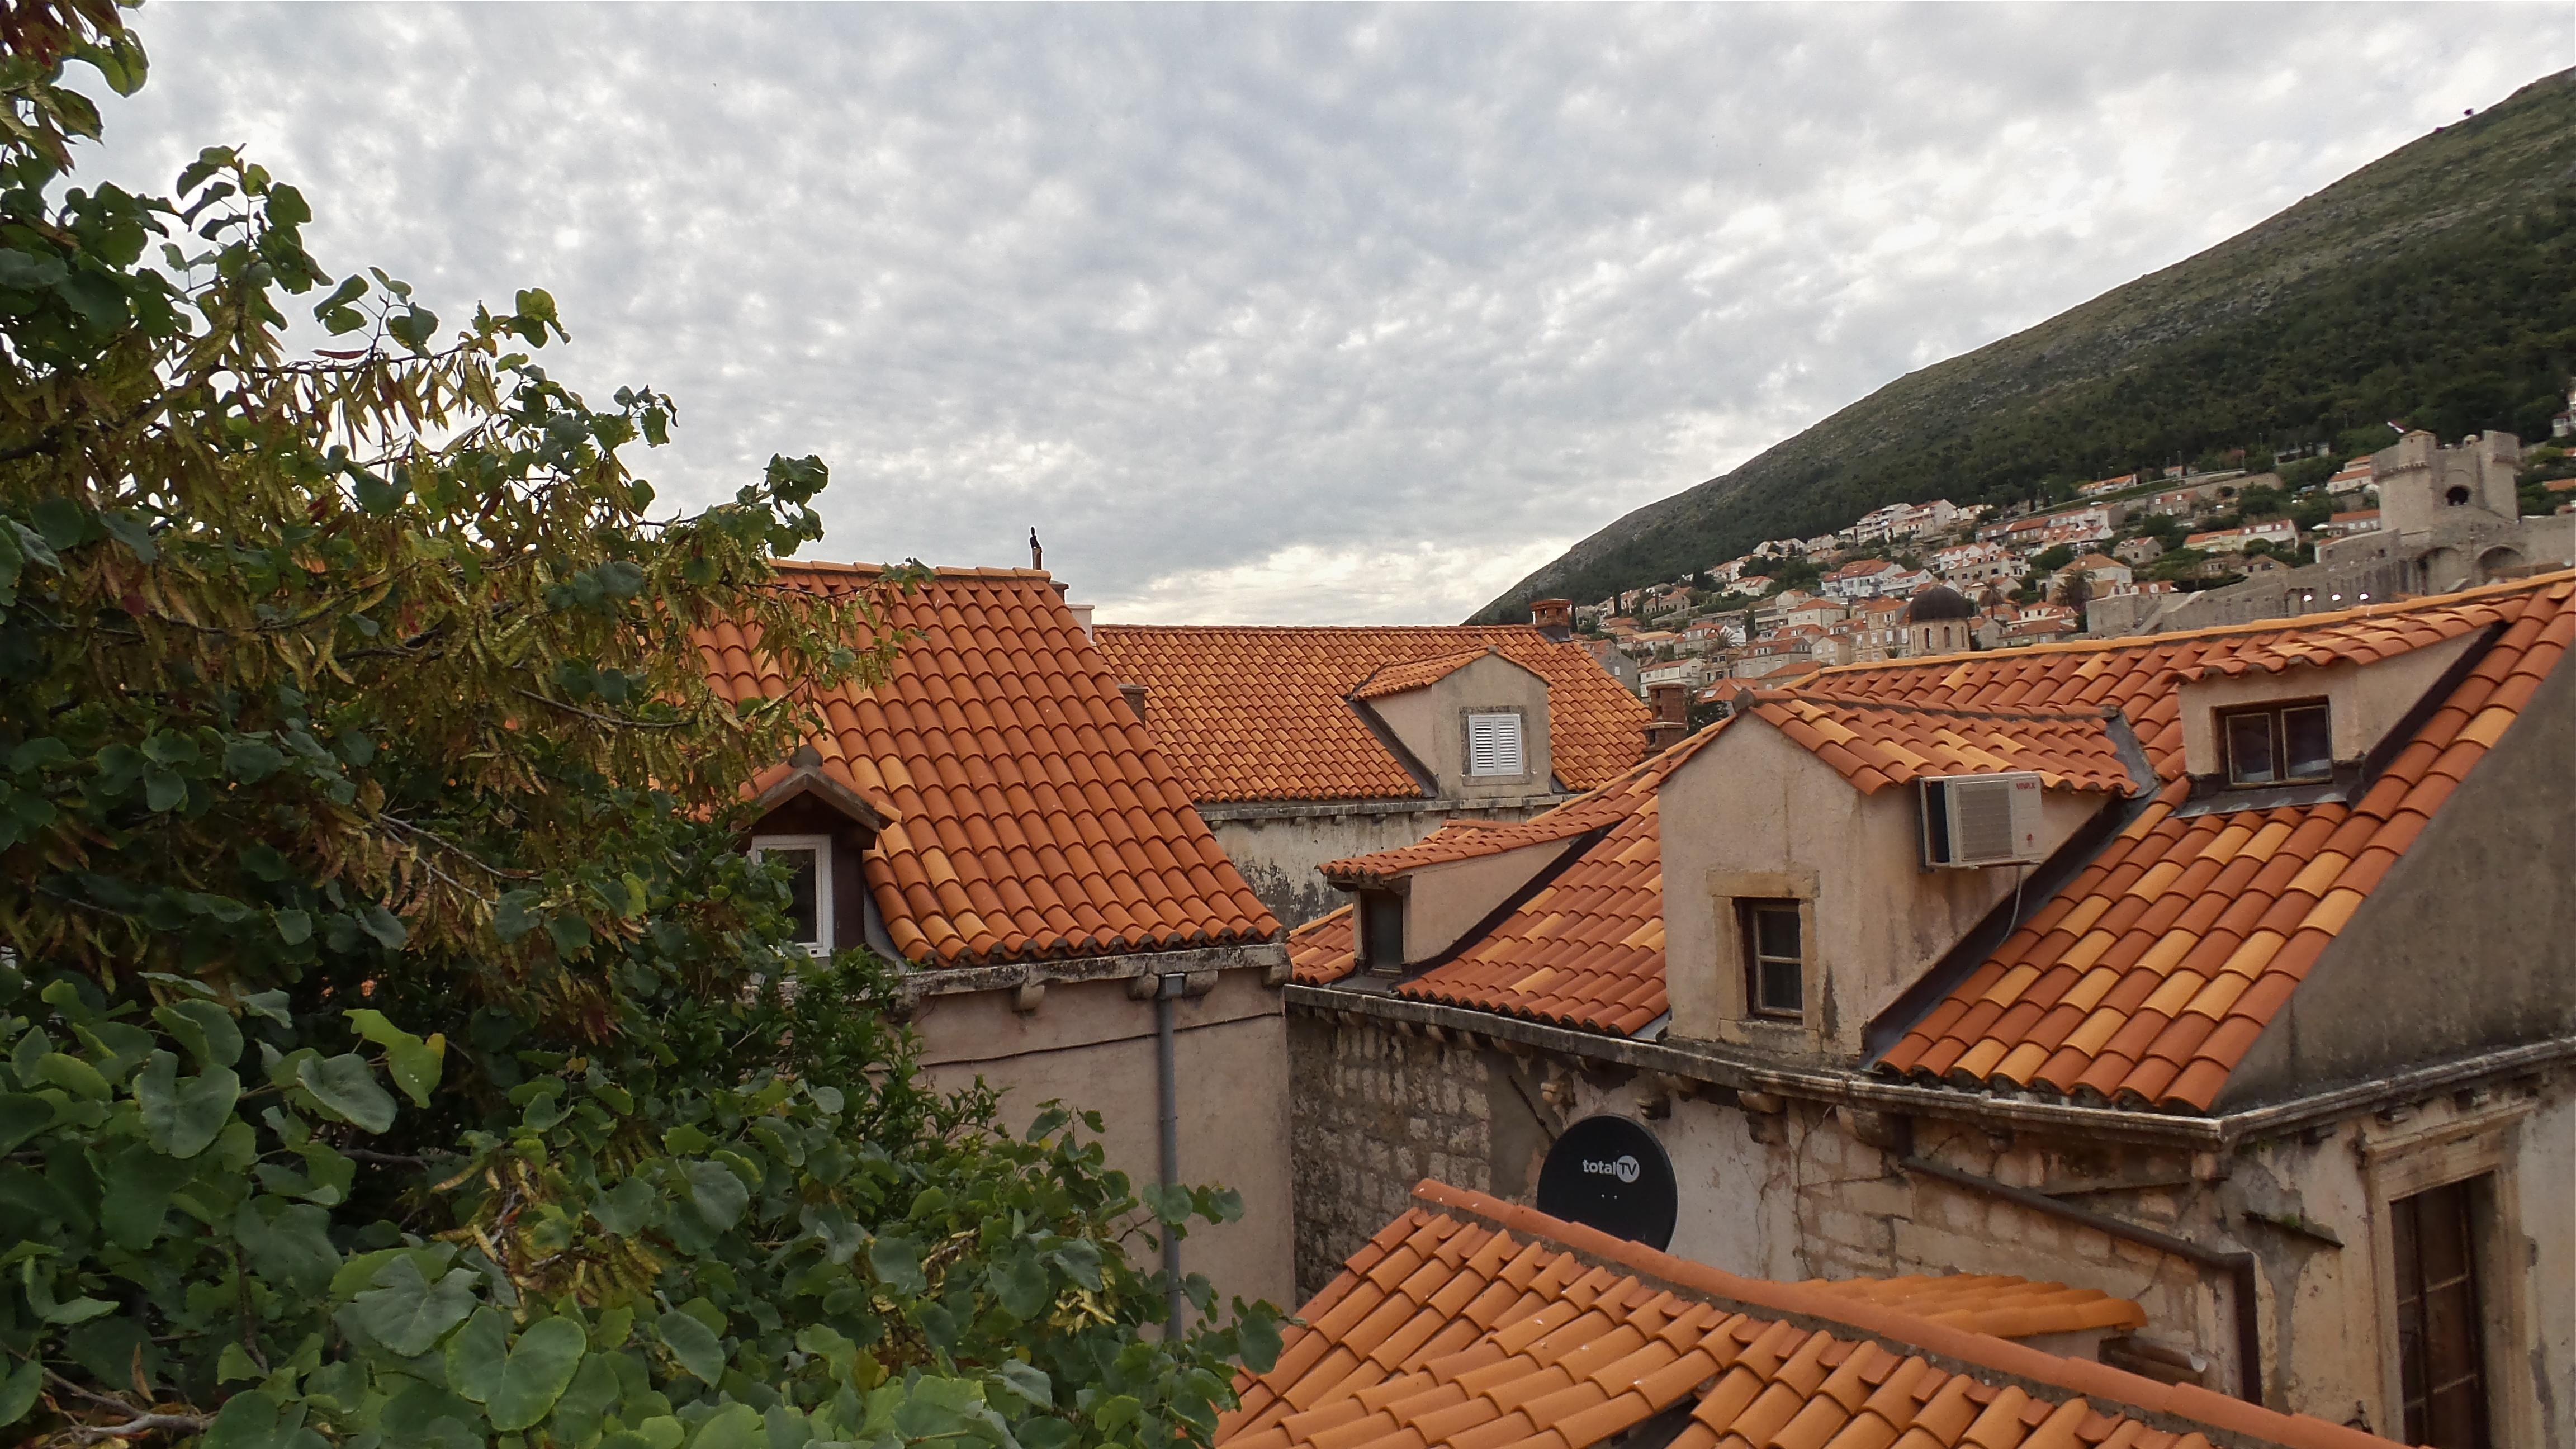 Blick aus dem Fenster über die Dächer der Altstadt